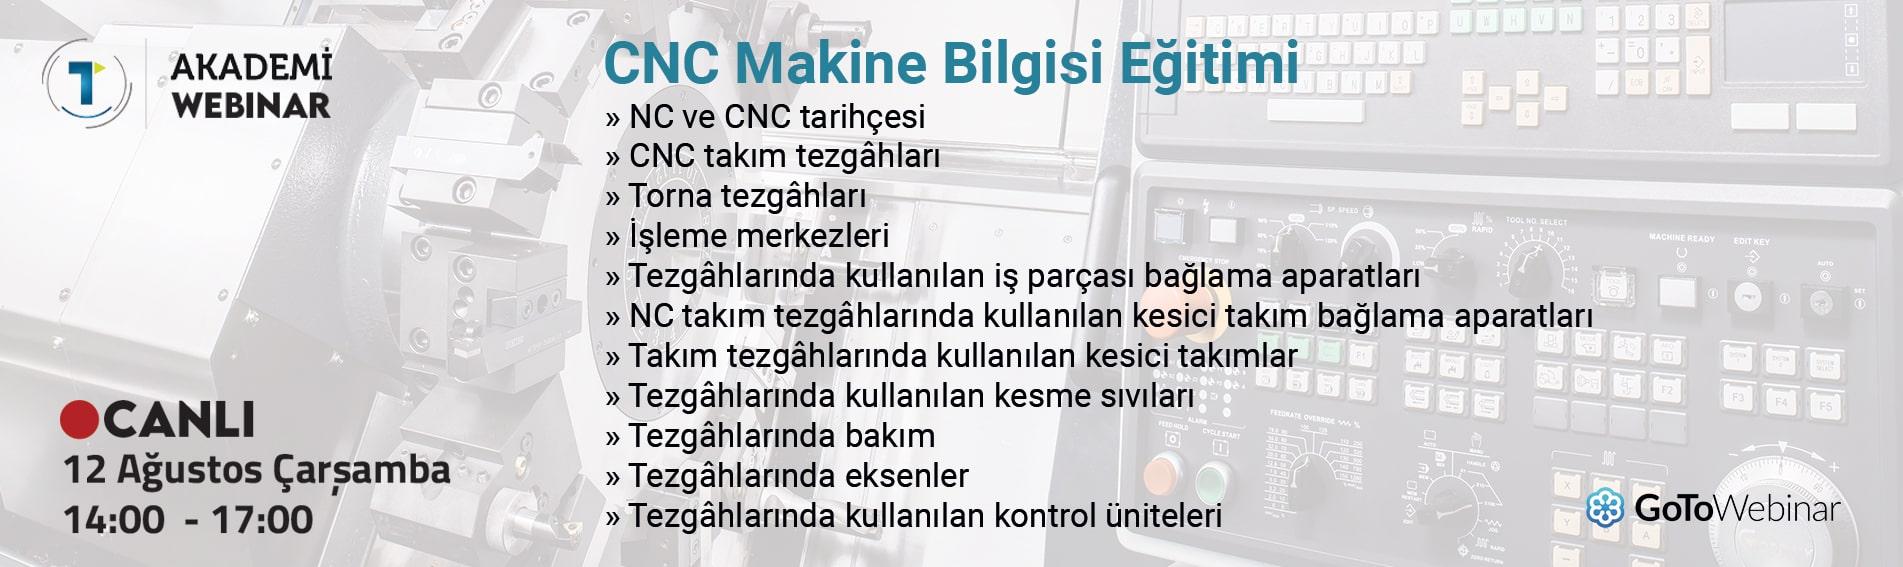 CNC Makine Bilgisi Eğitimi 12 Ağustos